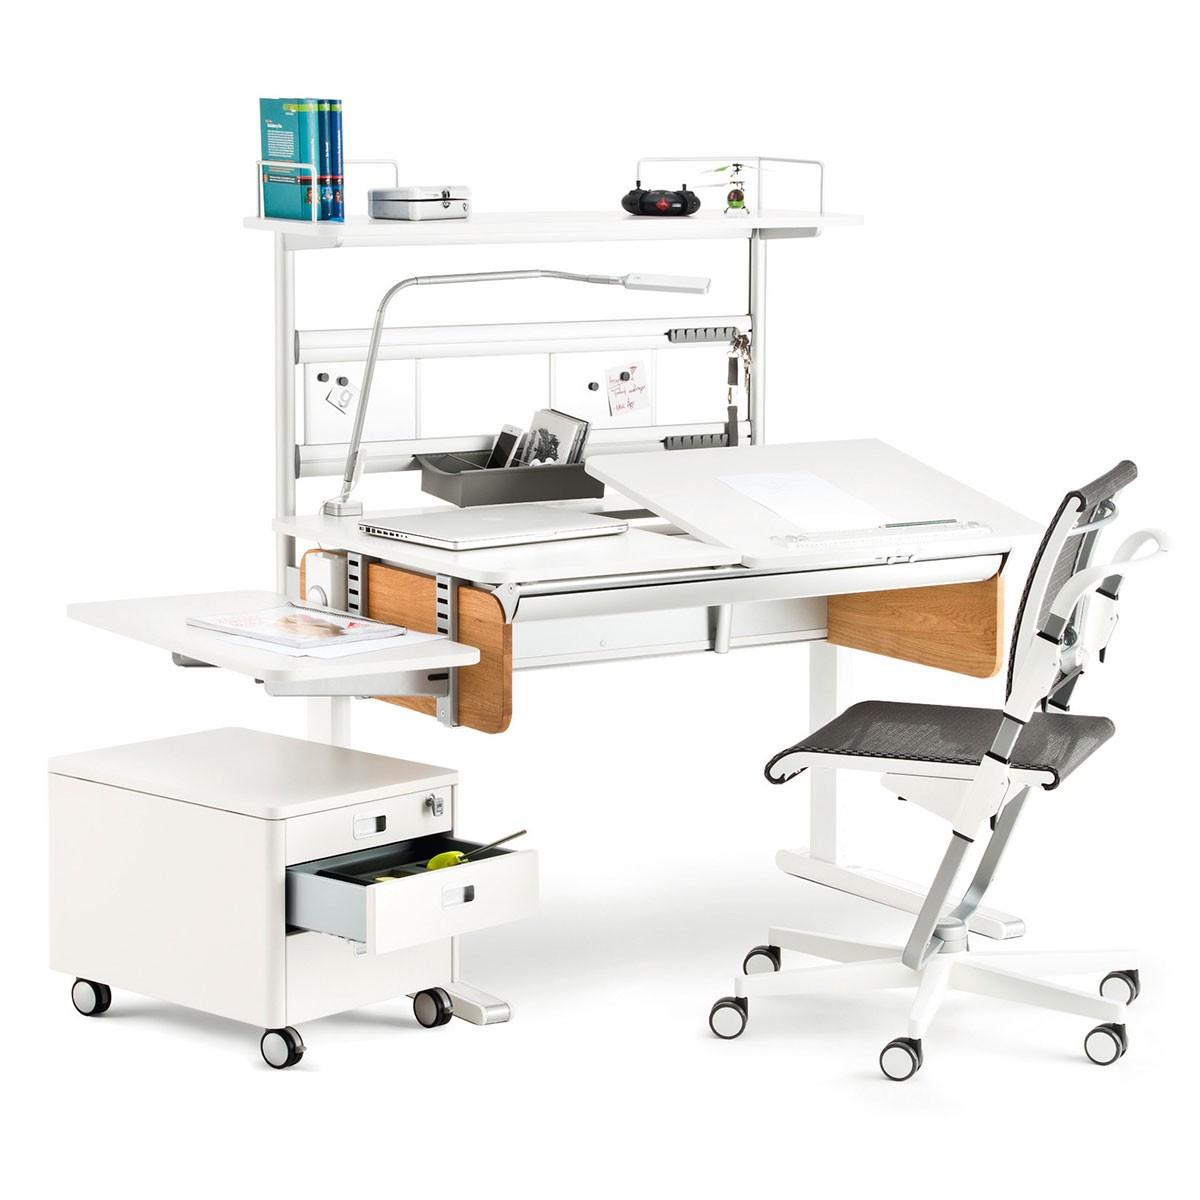 Купить Надстройка Flex Deck для стола Moll Champion в интернет магазине. Цены, характеристики, фото, отзывы, обзоры